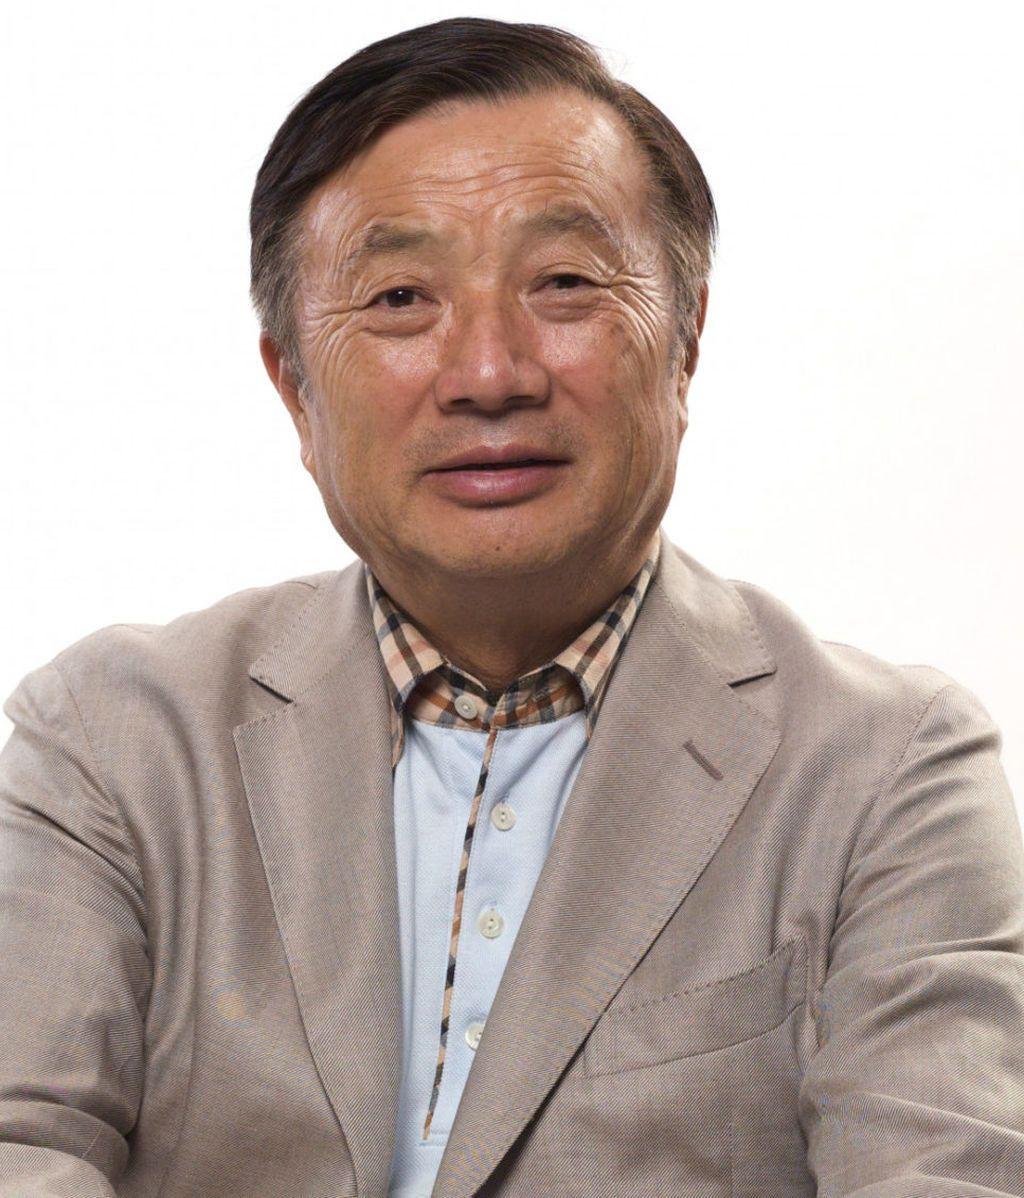 El jefe de Huawei admite que compra iPhones para su familia